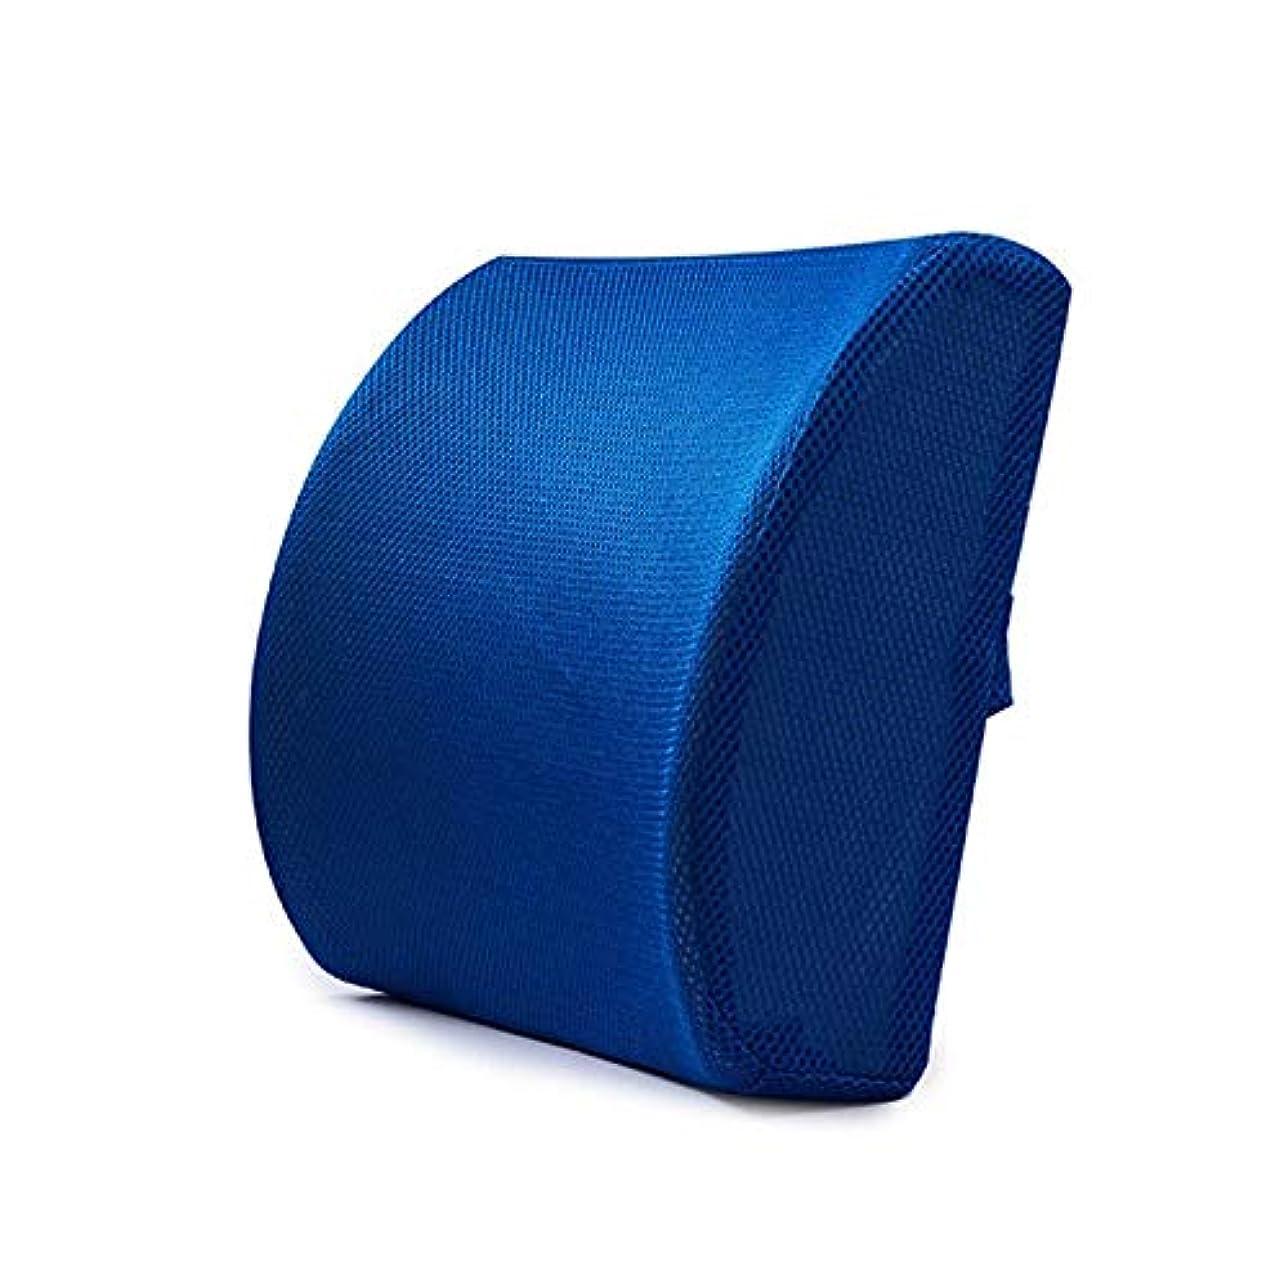 下品エキスインタビューLIFE ホームオフィス背もたれ椅子腰椎クッションカーシートネック枕 3D 低反発サポートバックマッサージウエストレスリビング枕 クッション 椅子